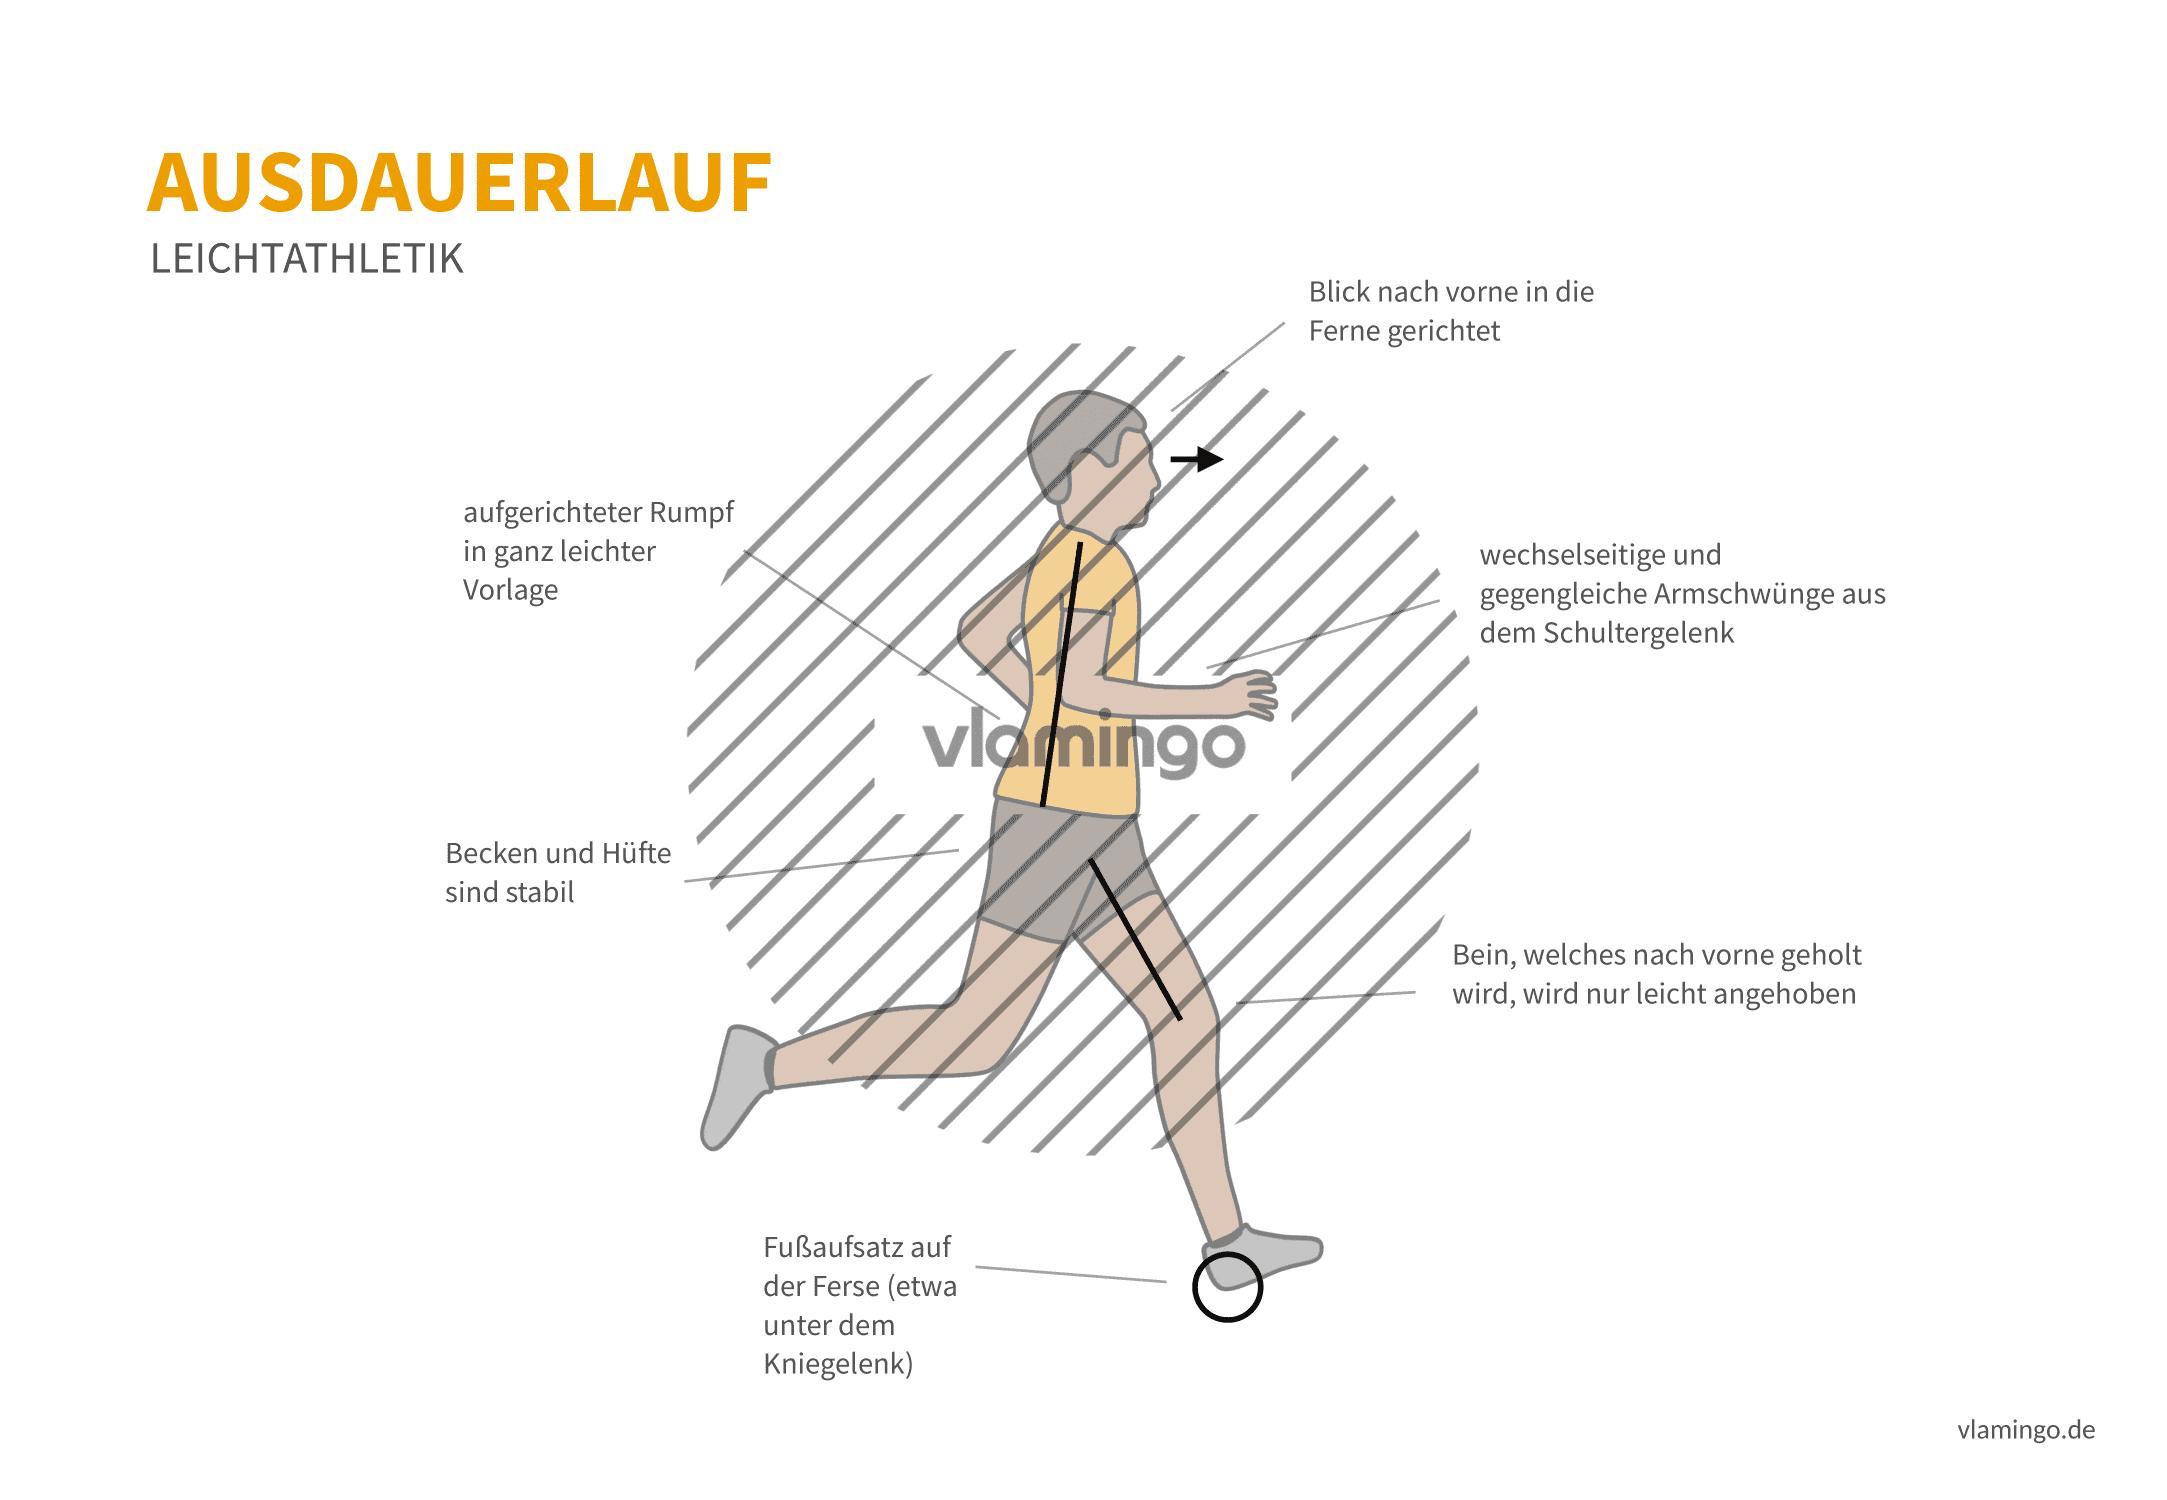 Sprint, Ausdauerlauf, Gehen - Vergleich - Leichtathletik